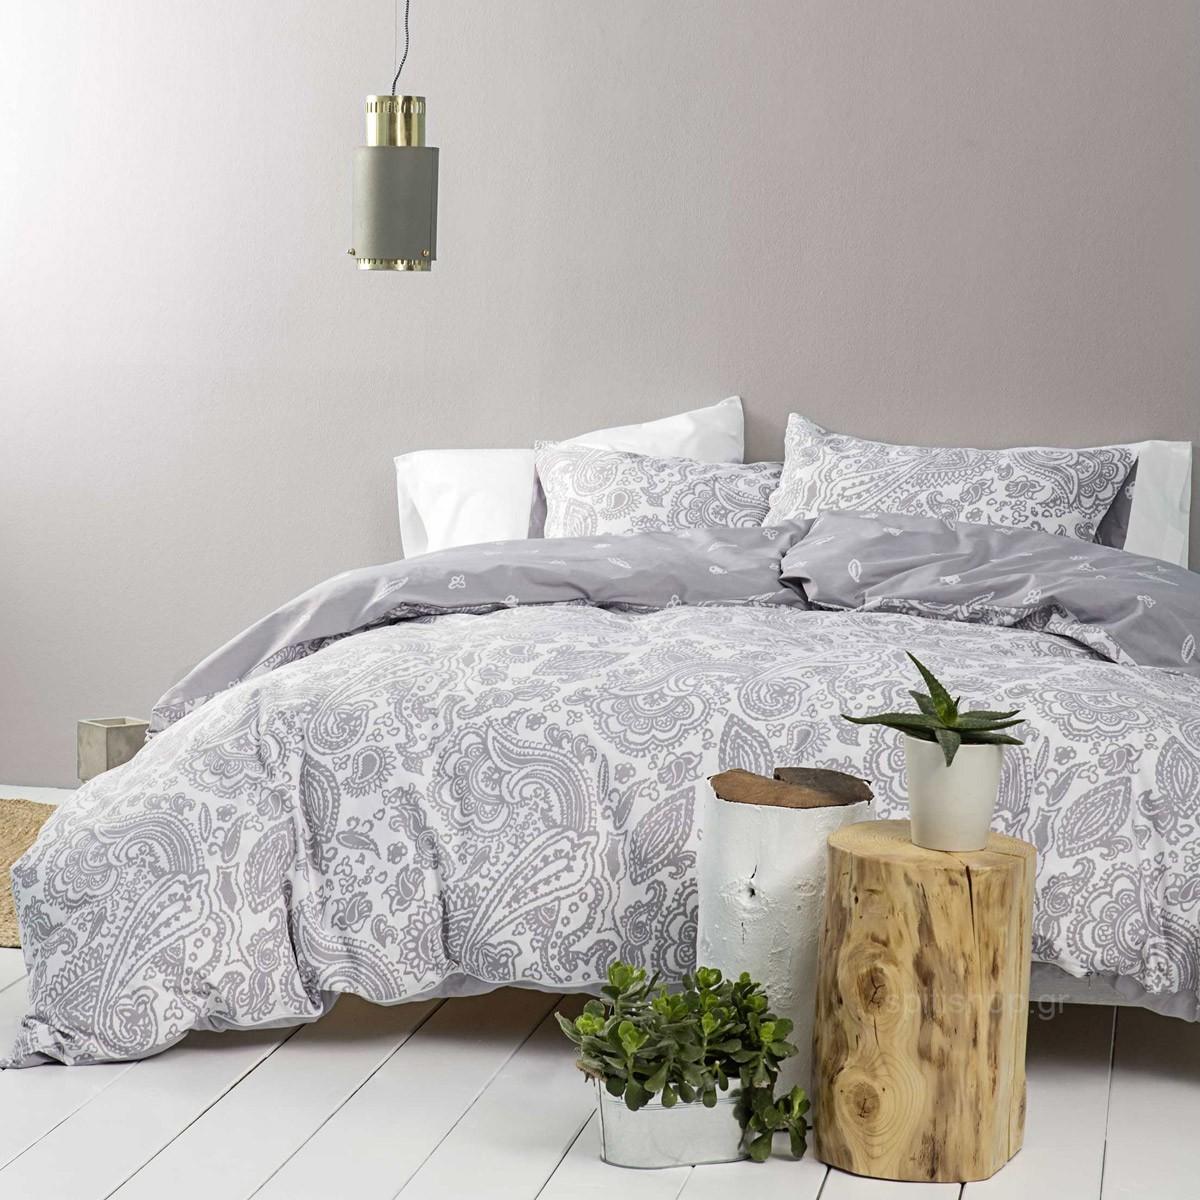 Σεντόνια Υπέρδιπλα (Σετ) Nima Bed Linen Keyla Grey